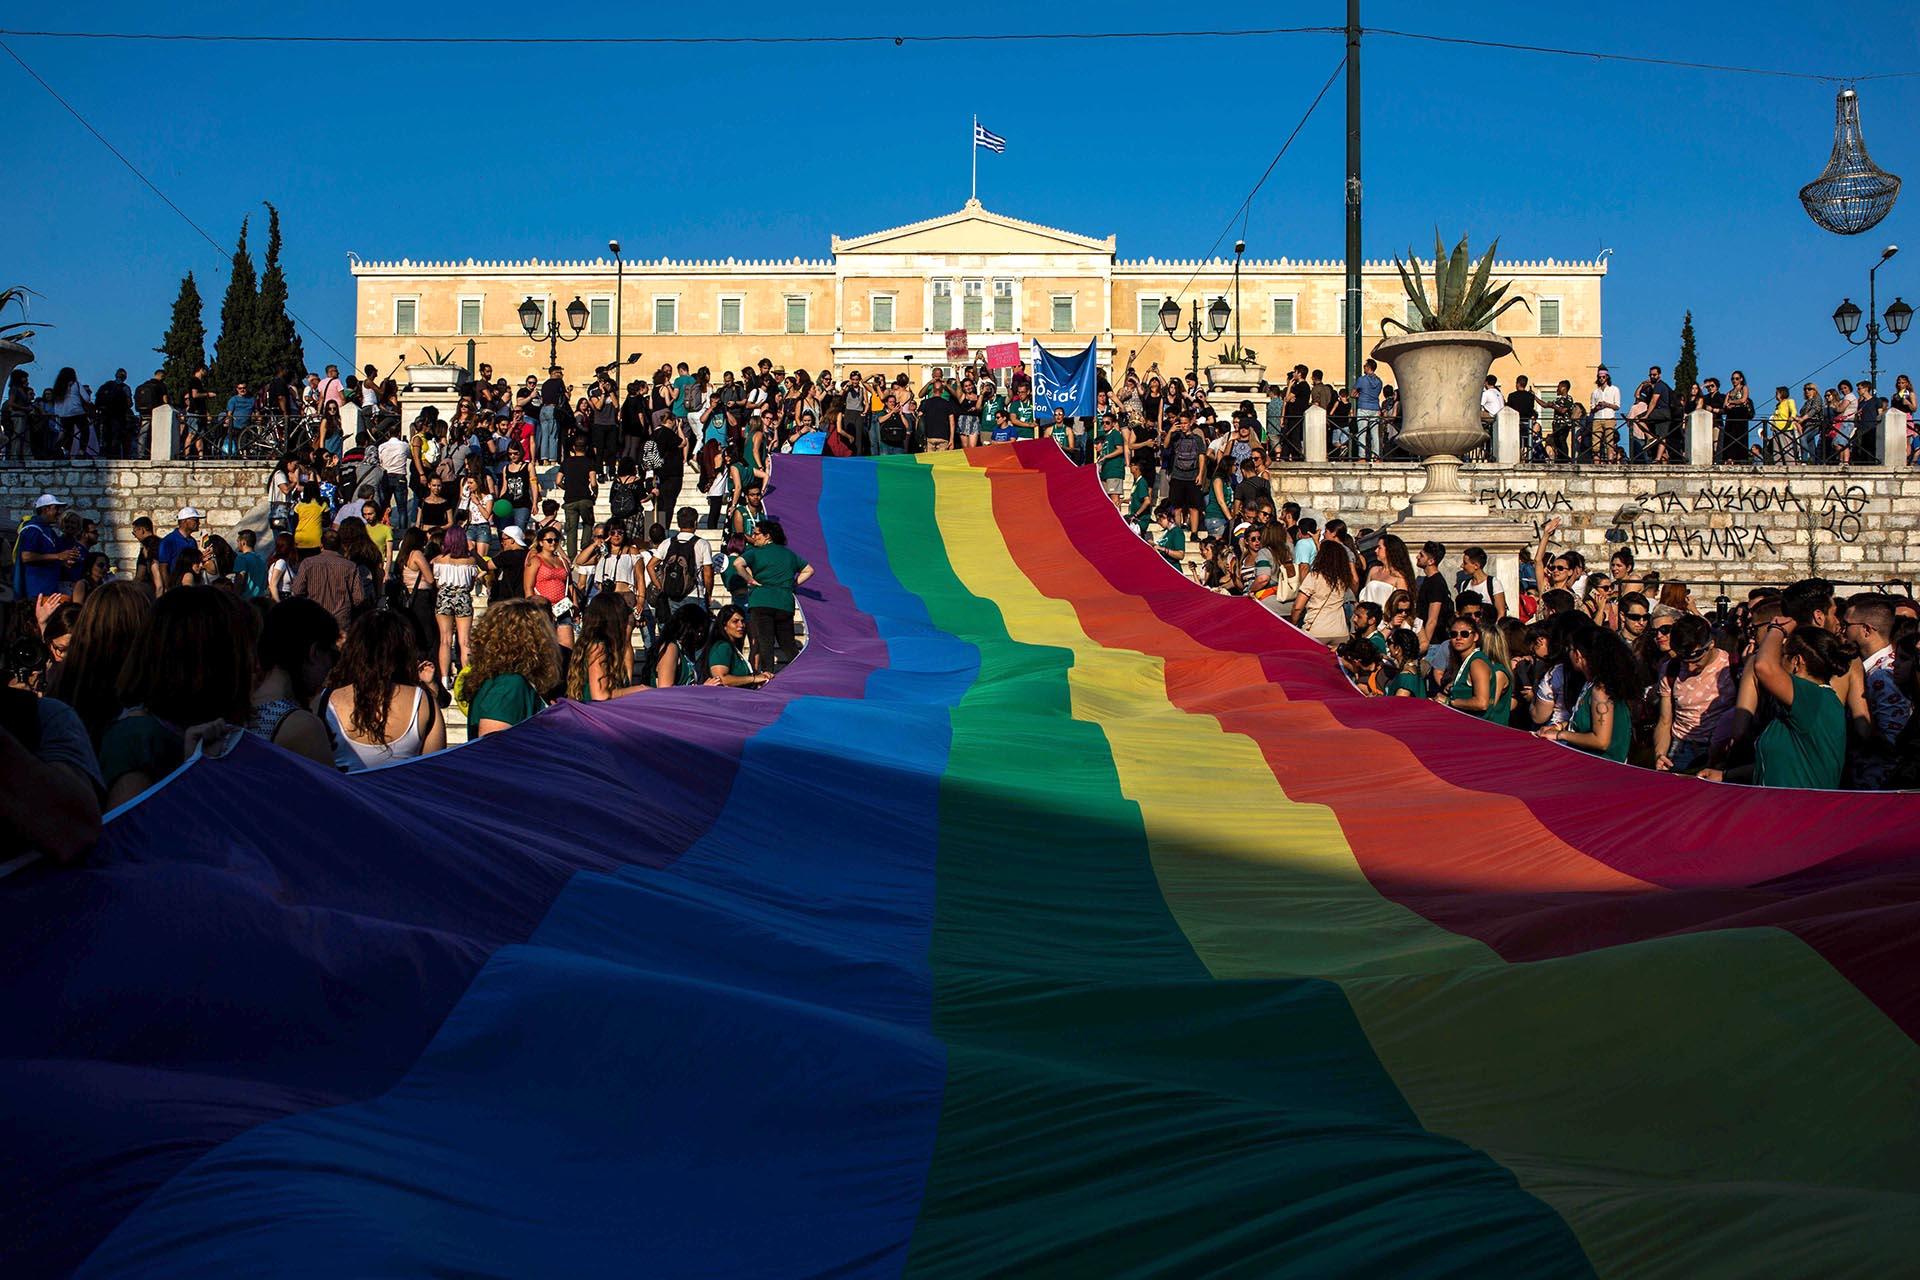 Una multitud sostiene una bandera gigante de arco iris frente al Parlamento griego en el sexto desfile del Orgullo en Atenas el 10 de junio de 2017